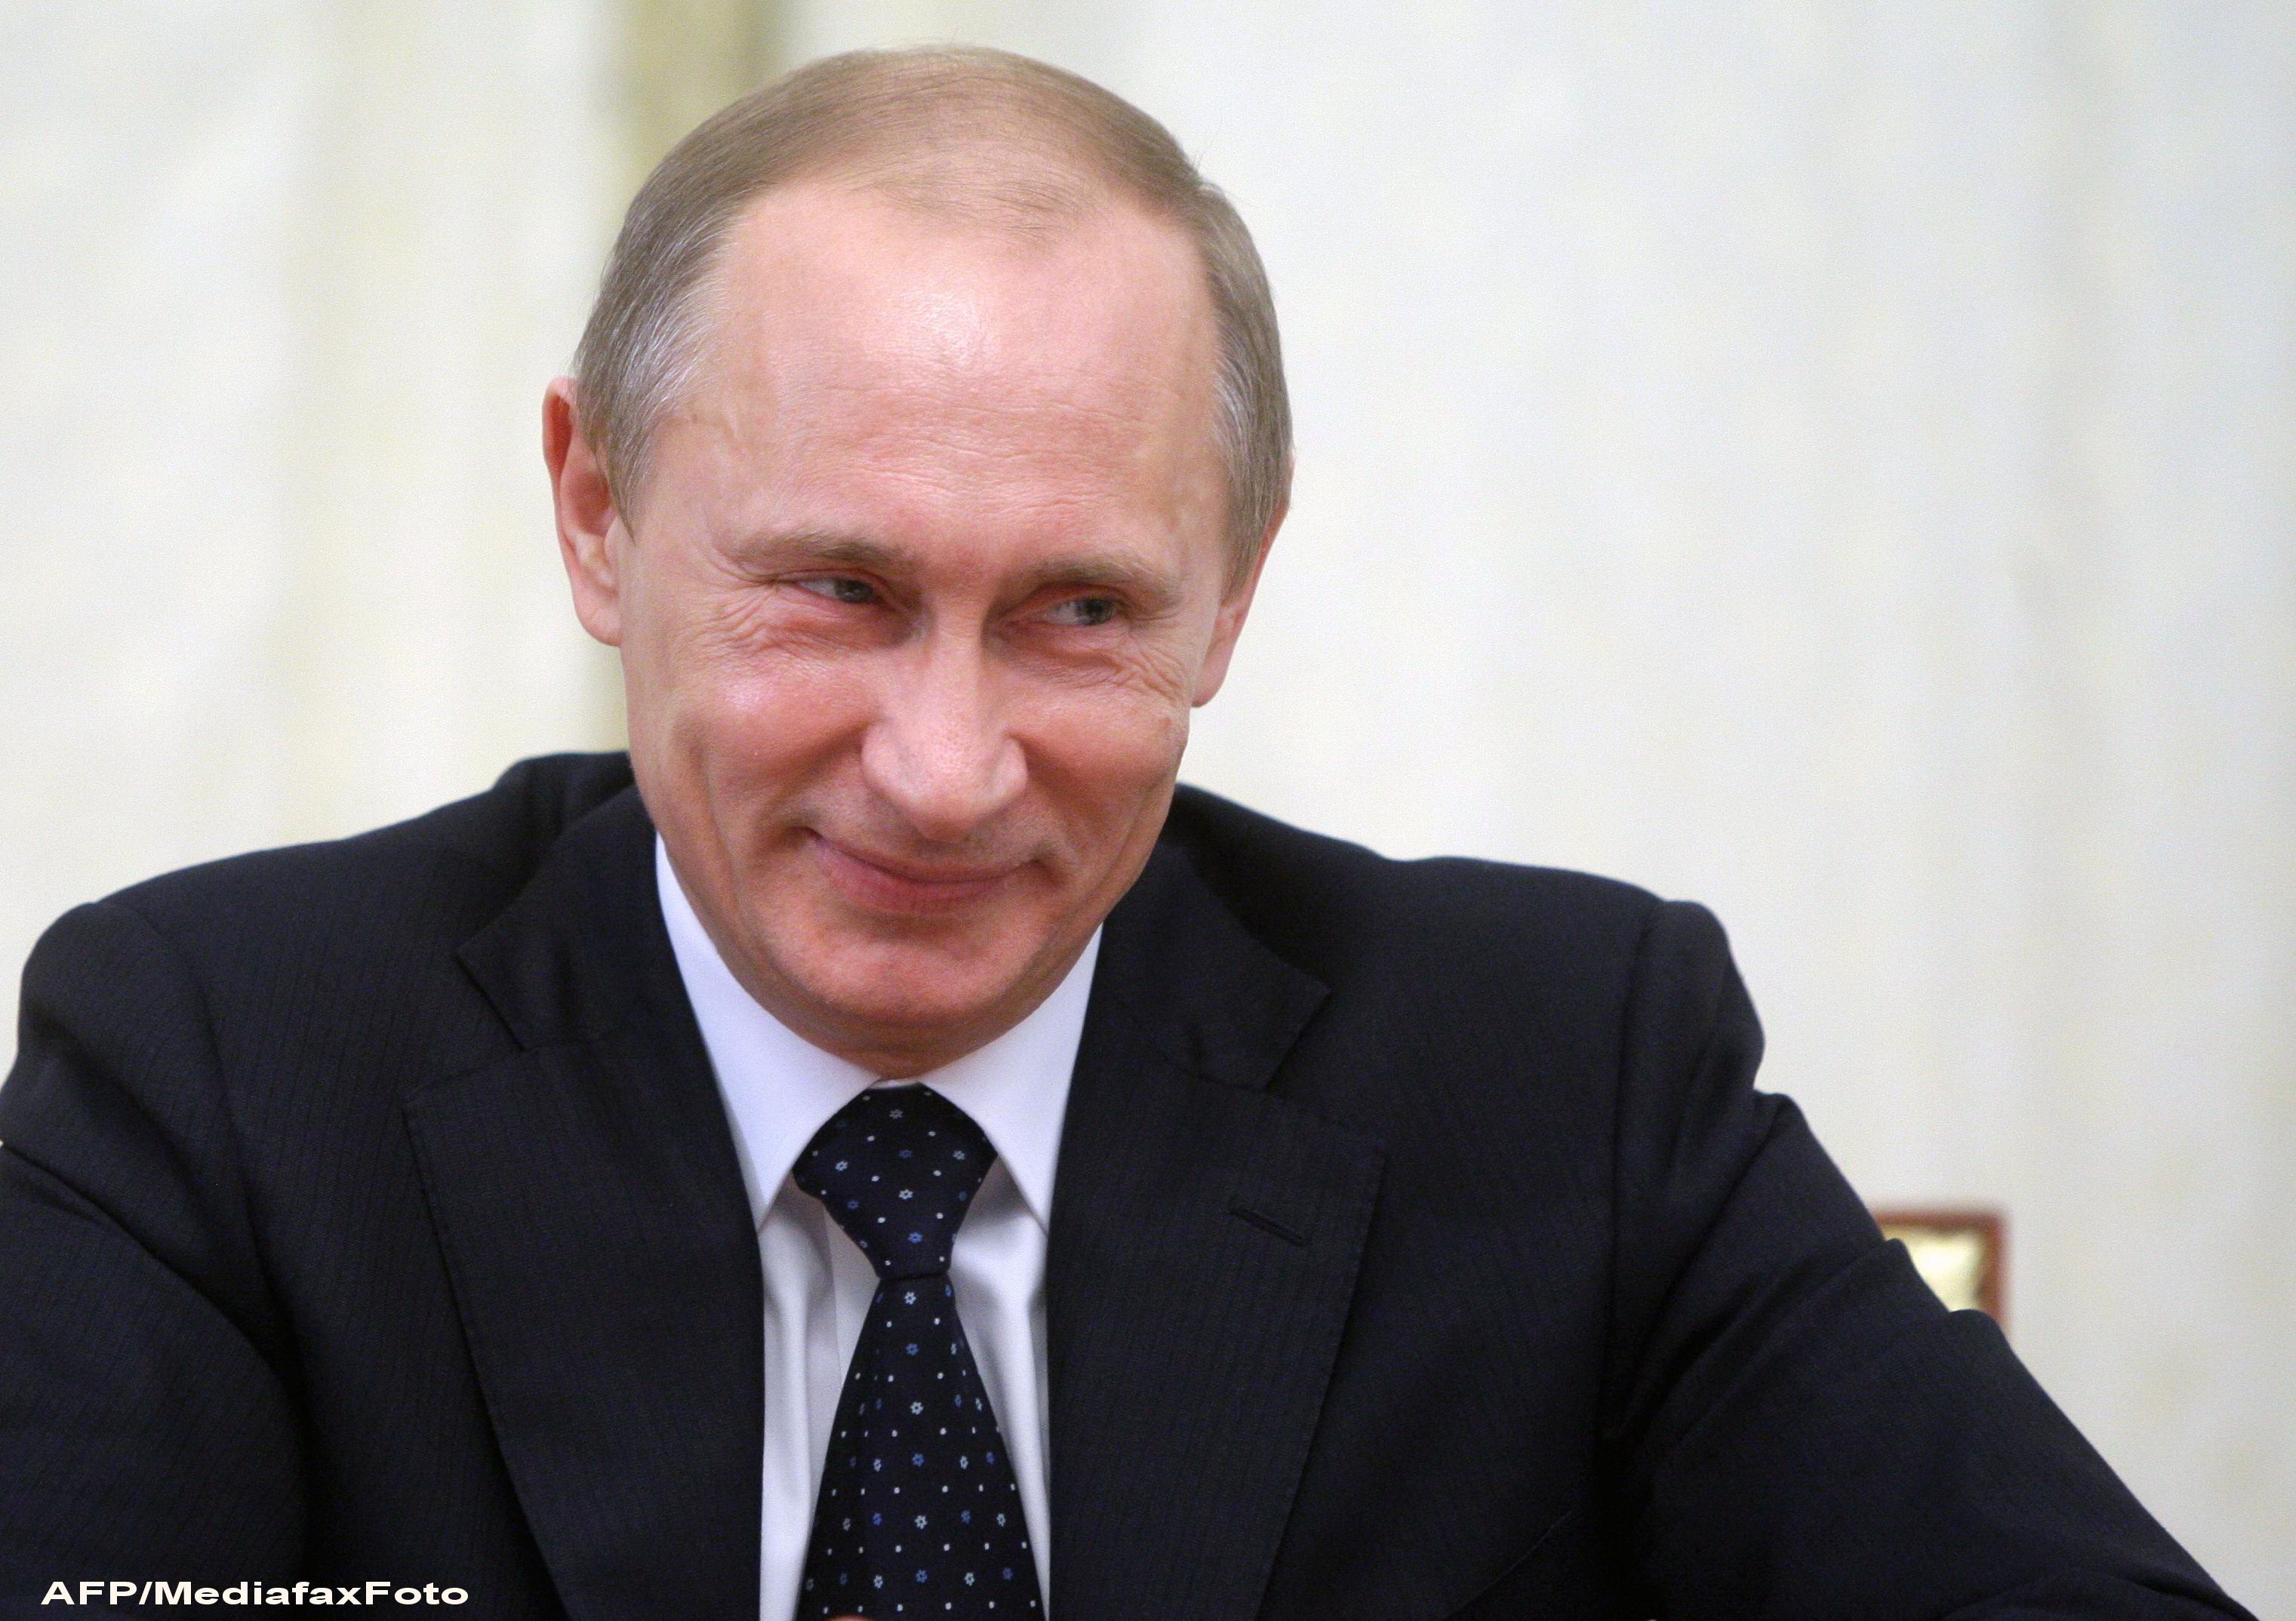 Sky News: Mii de functionari publici din Rusia vor primi bani sa-l voteze de mai multe ori pe Putin